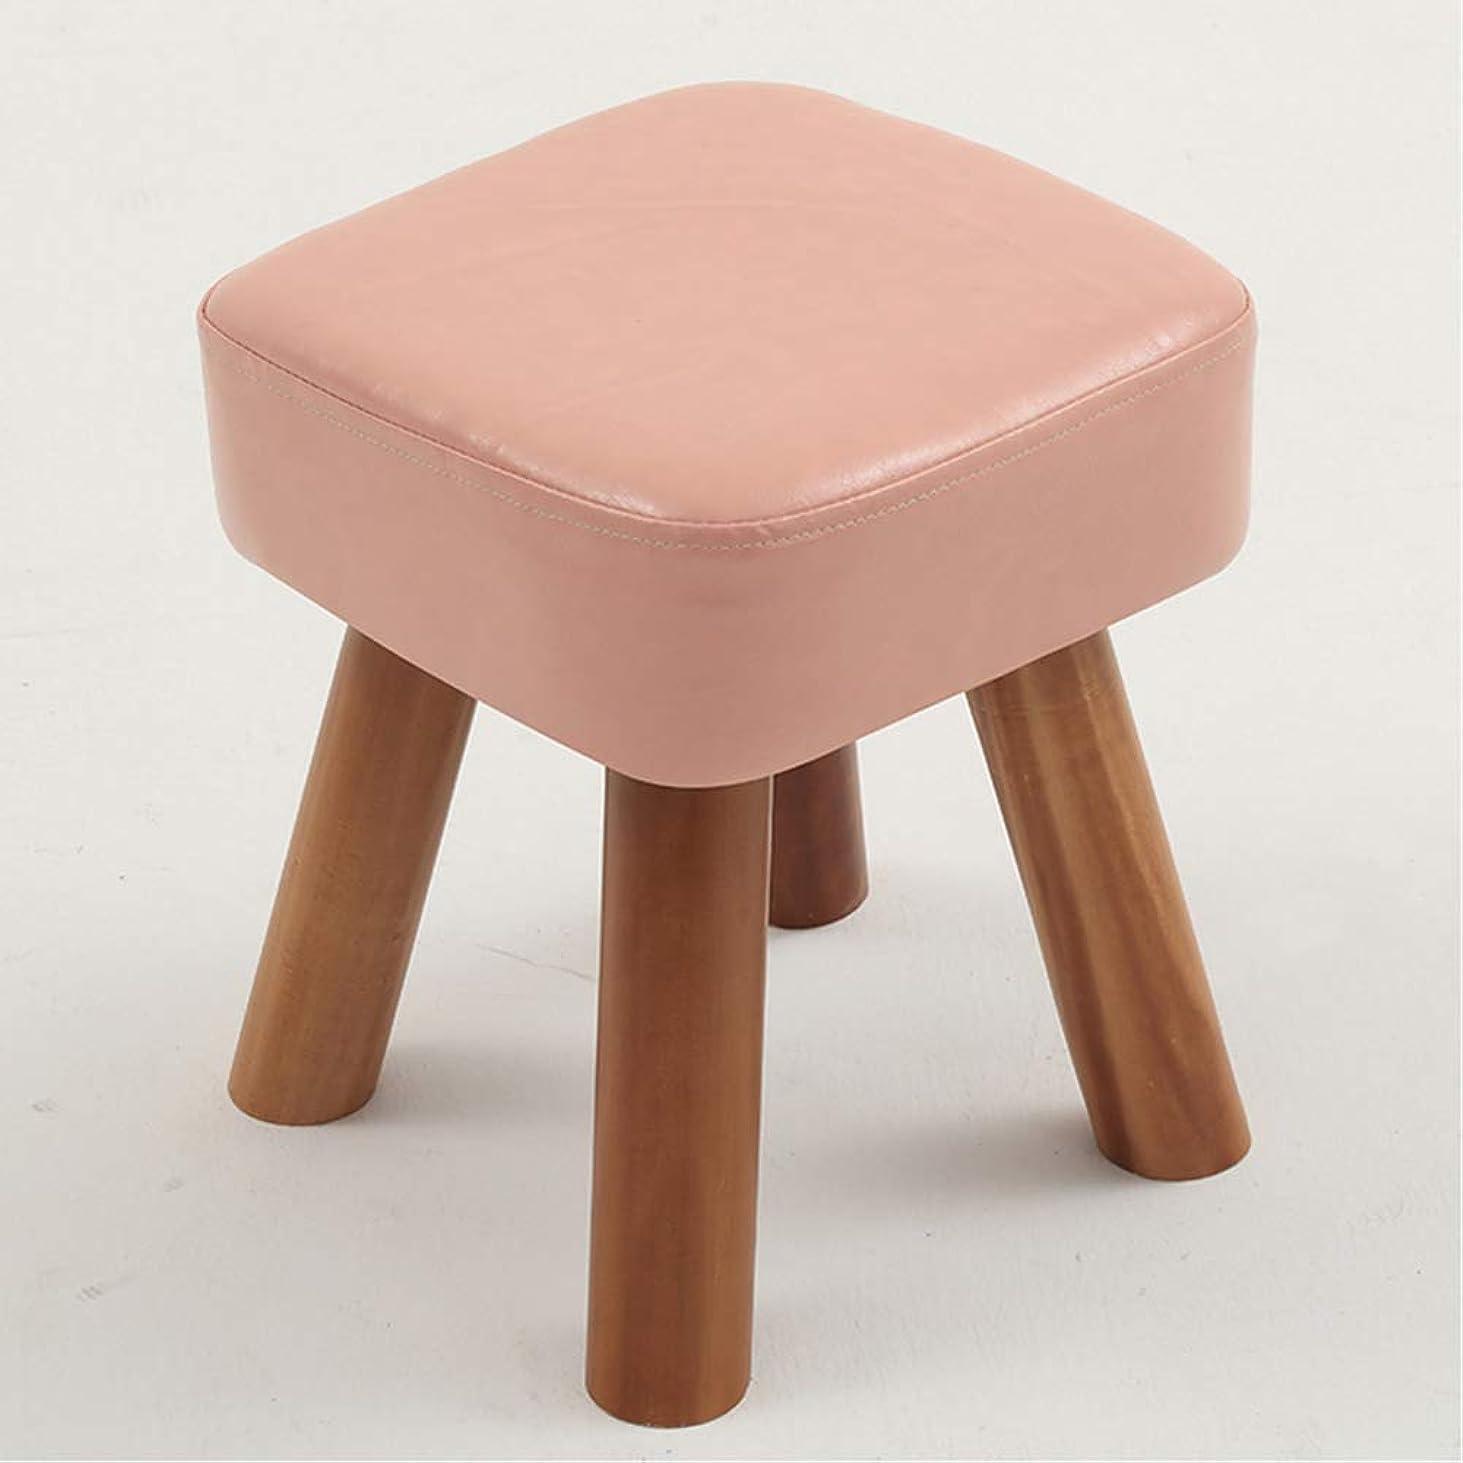 広く本会議優先権スクエア 木製 張り スツール, 木製のサポート オスマン帝国 プーフ 椅子 便 4 脚 そして 取り外し可能なカバー-ピンク 28x28x32cm